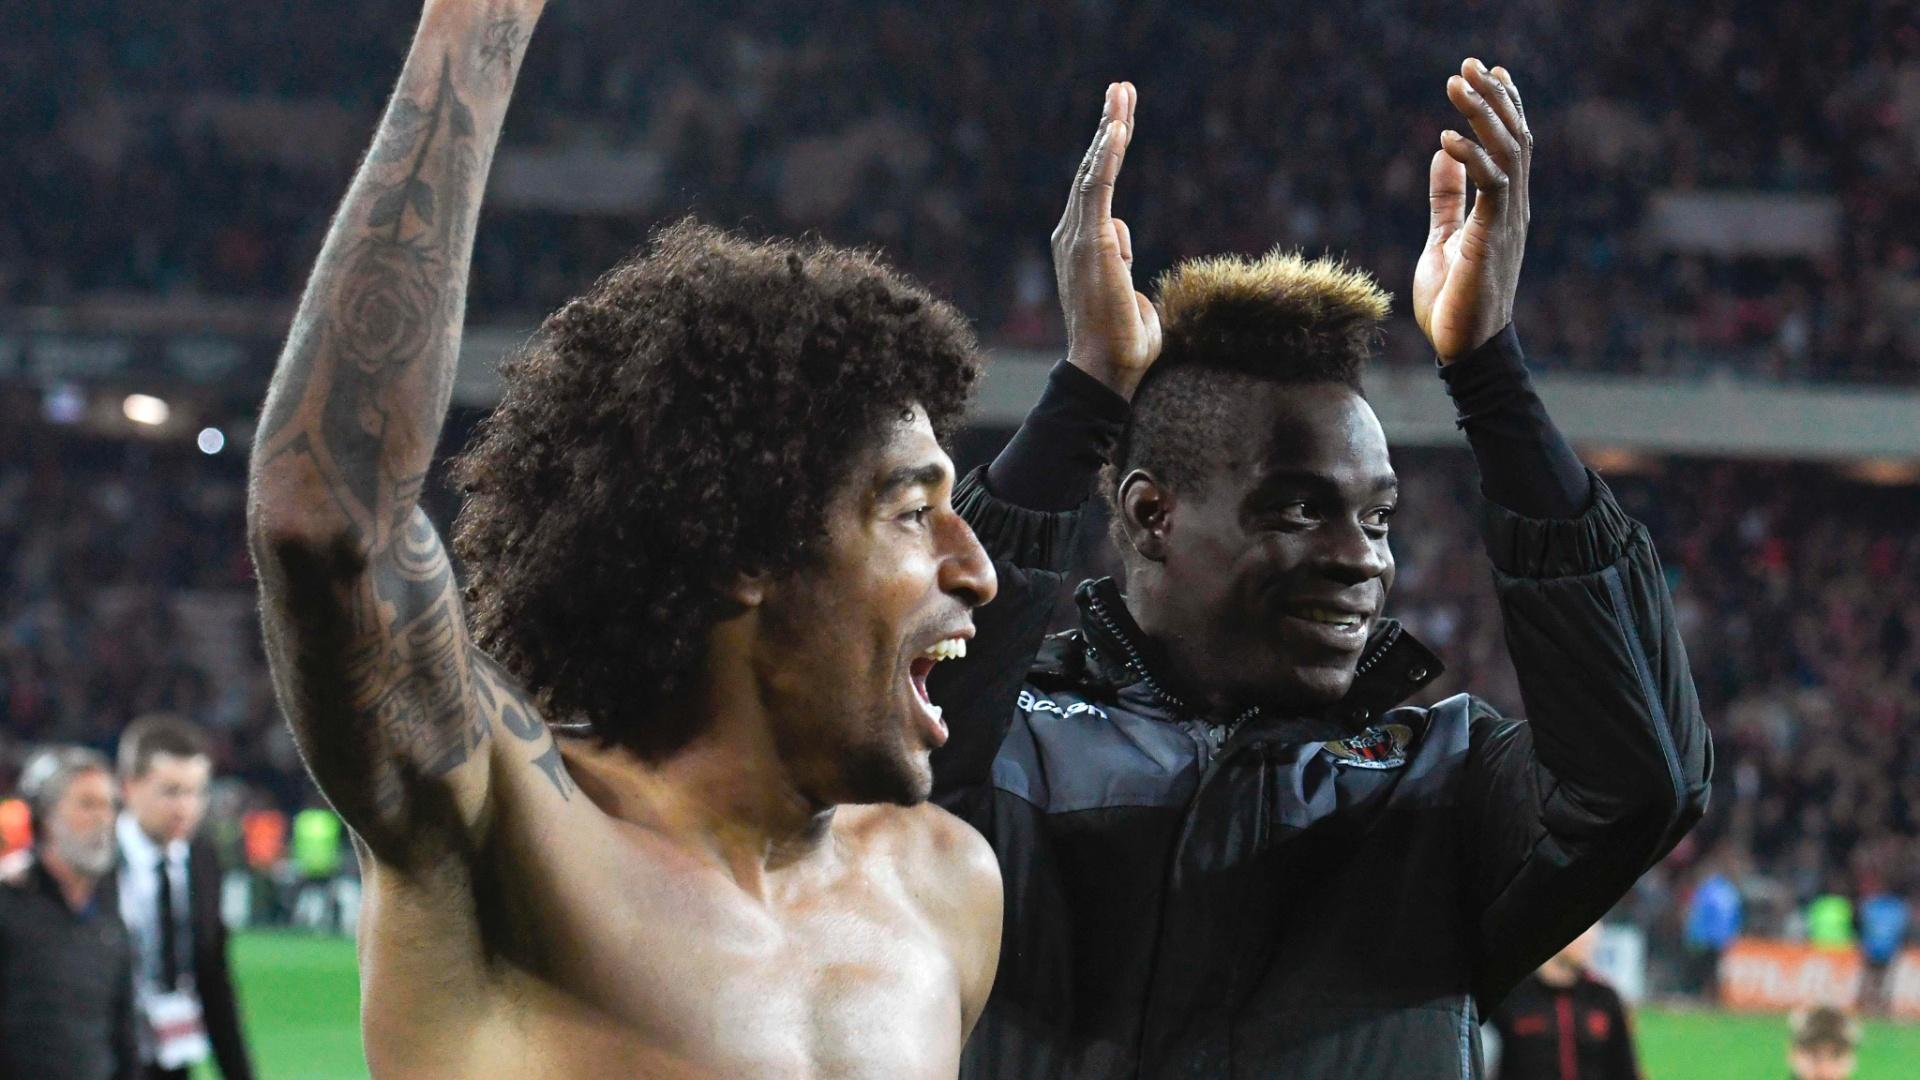 Dante e Balotelli comemoram vitória do Nice sobre o PSG